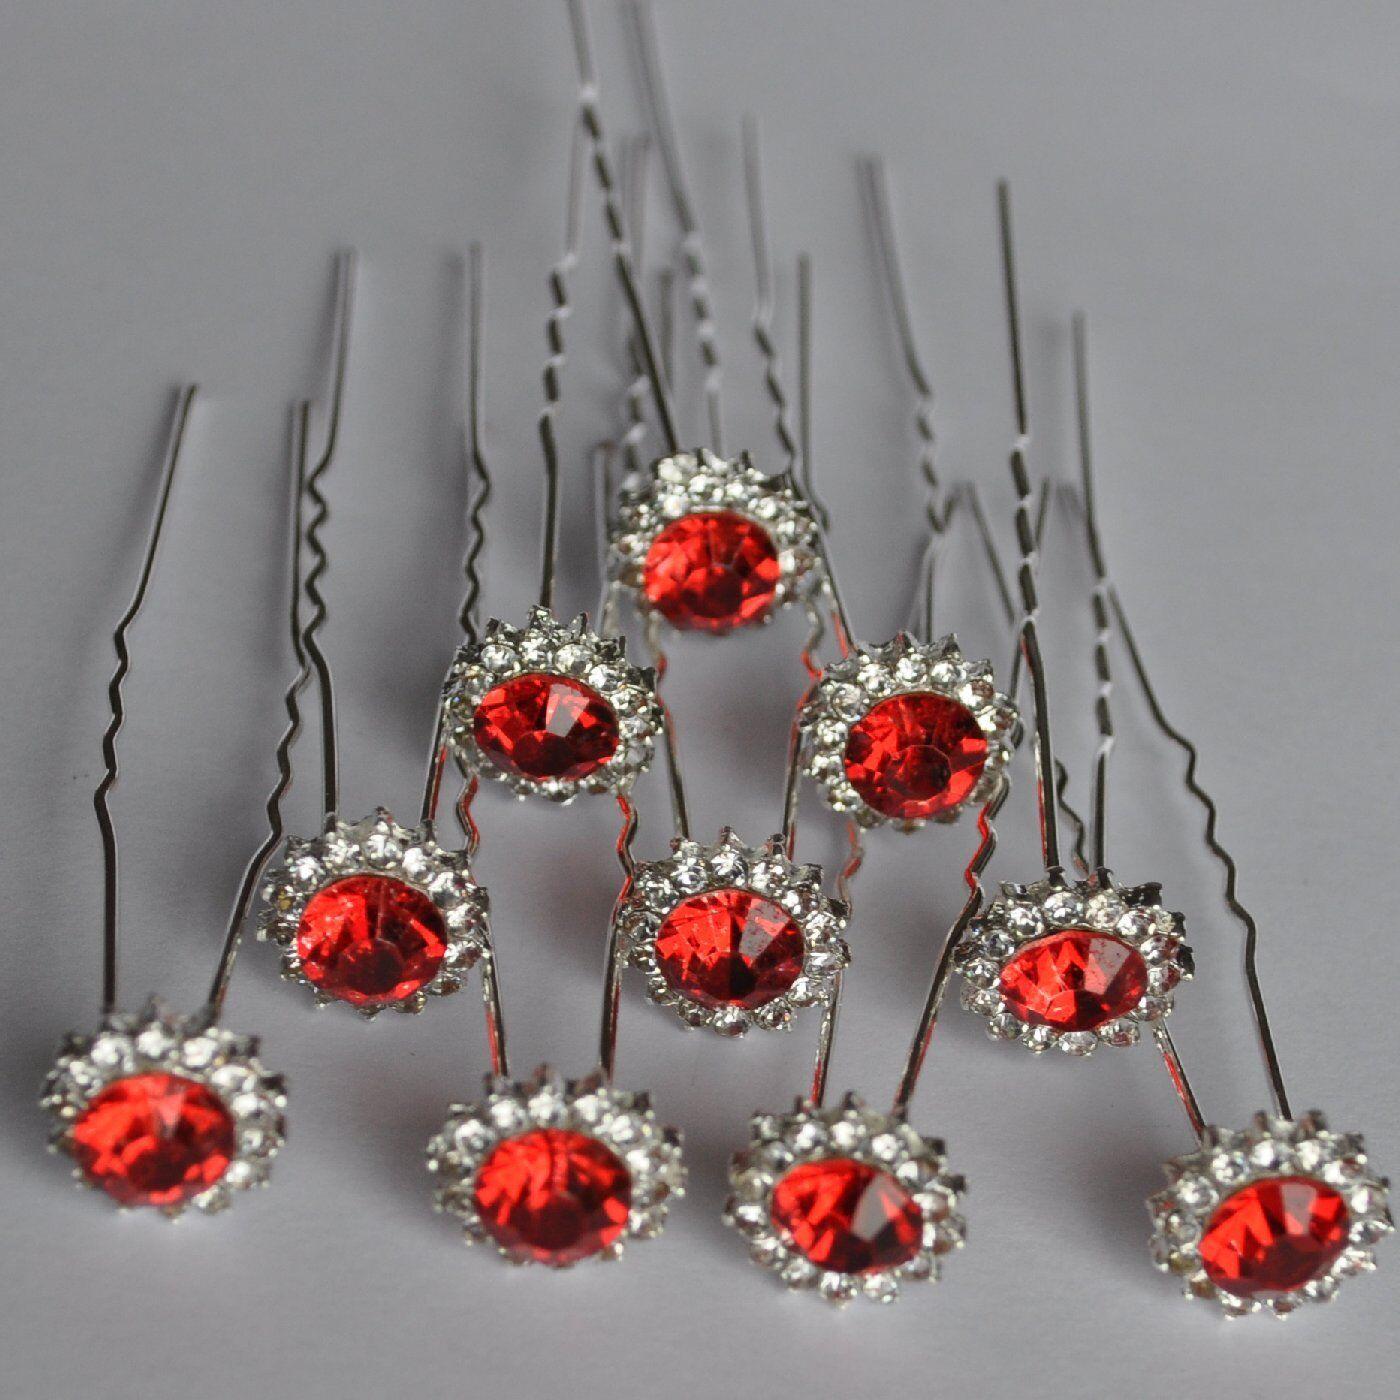 Set 10 Pins Star Flower Wedding Bride Hair Accessory Rhinestone Red